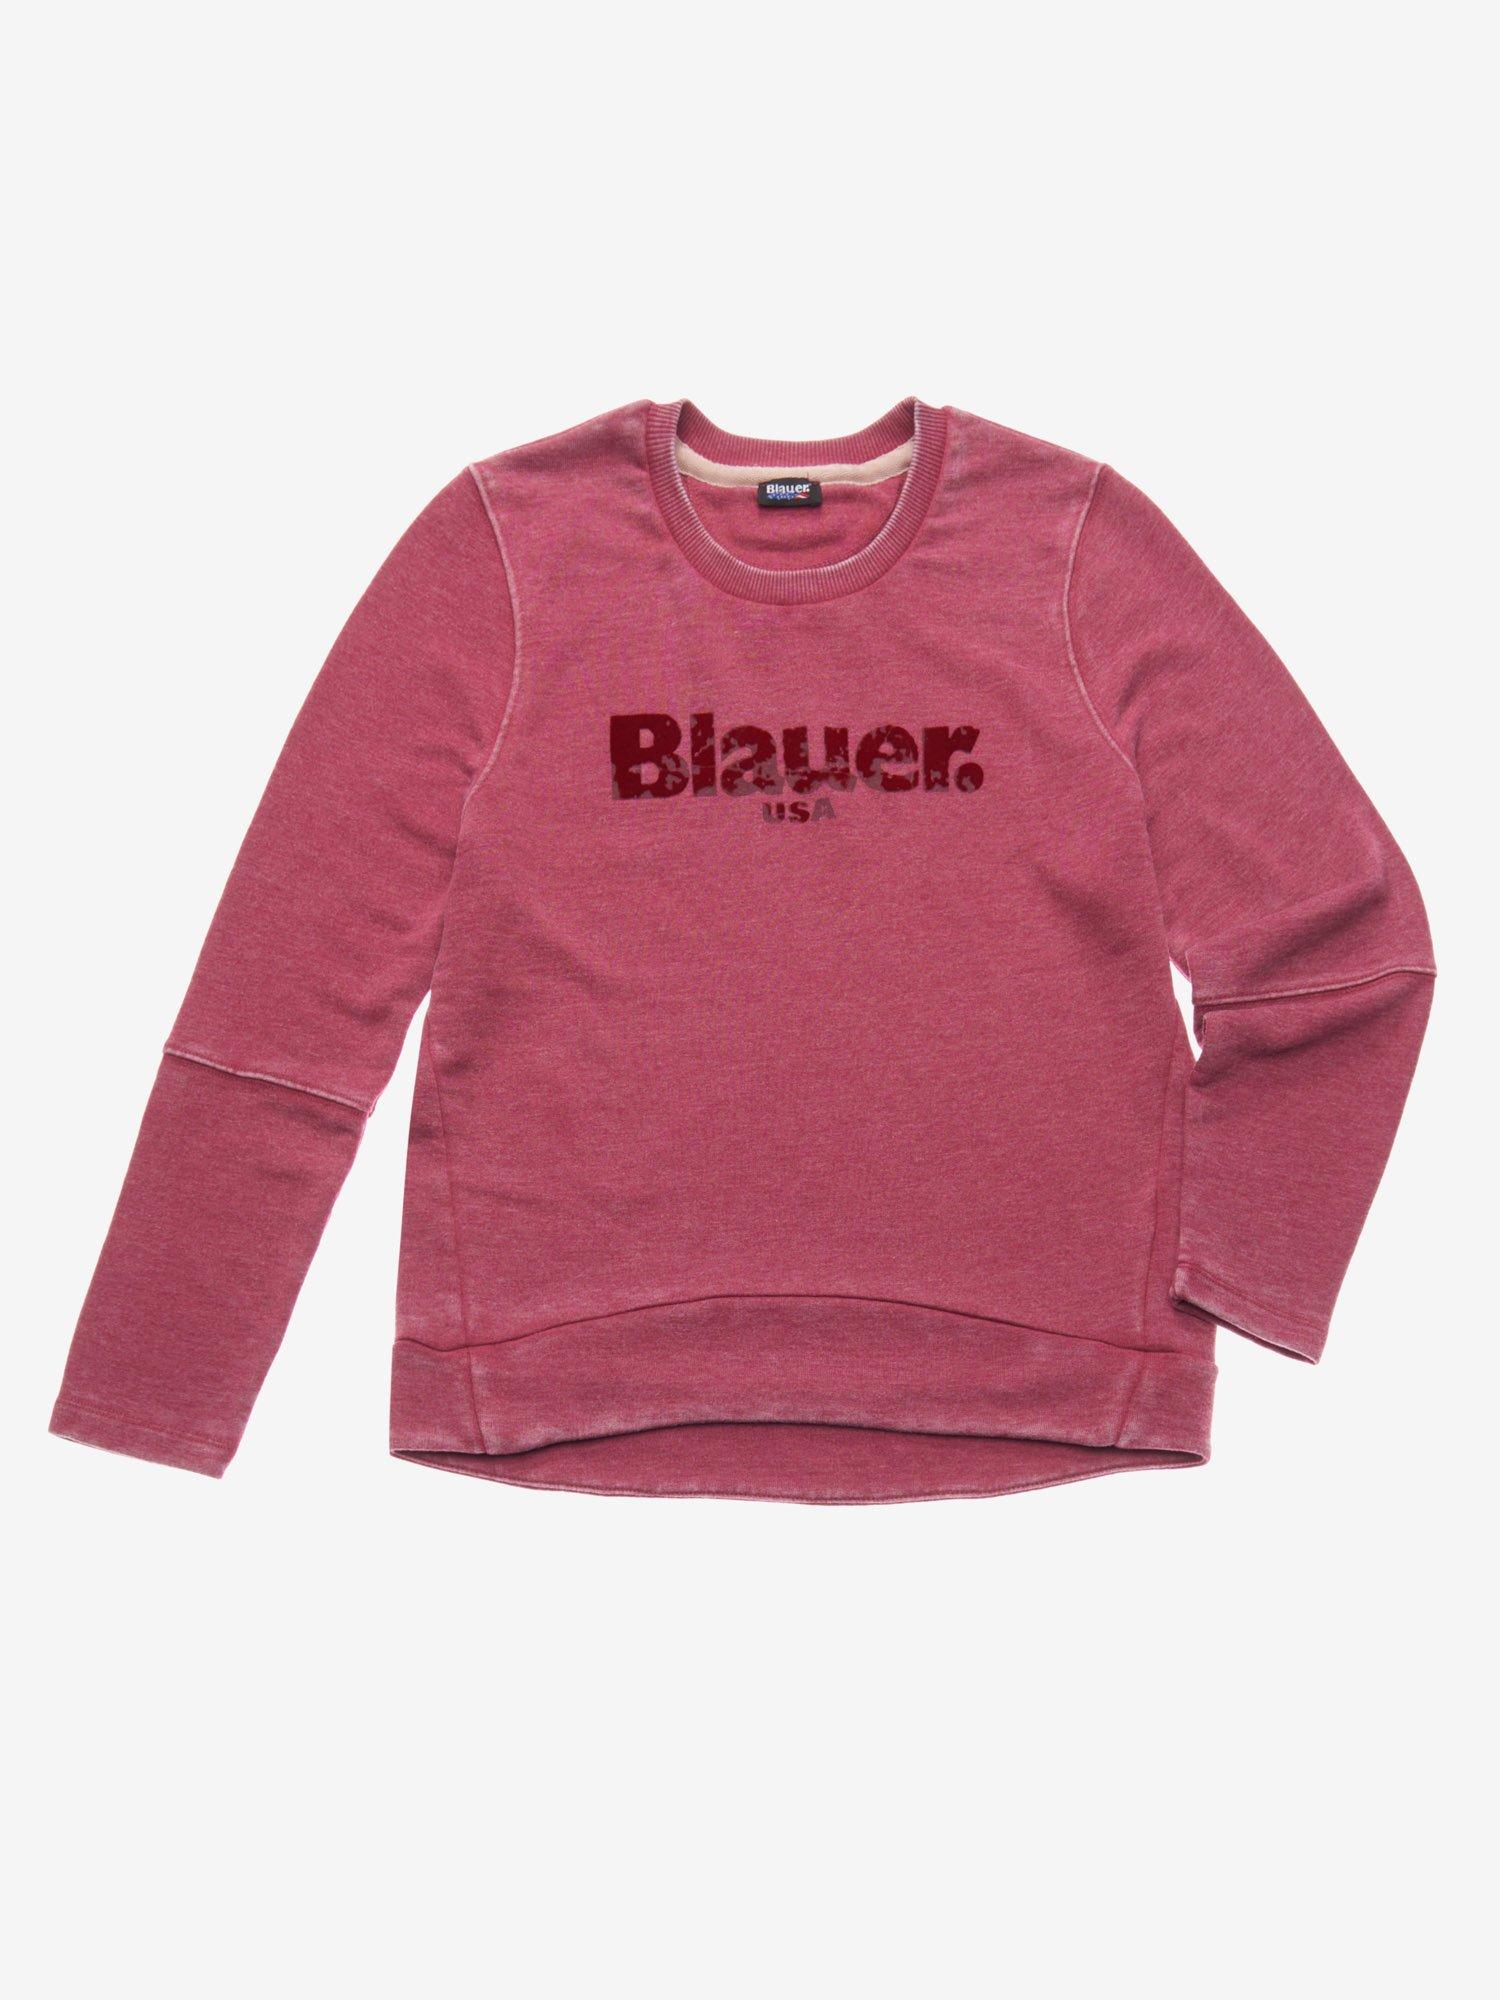 Blauer - BURNOUT CREW NECK SWEATSHIRT - Malbec - Blauer